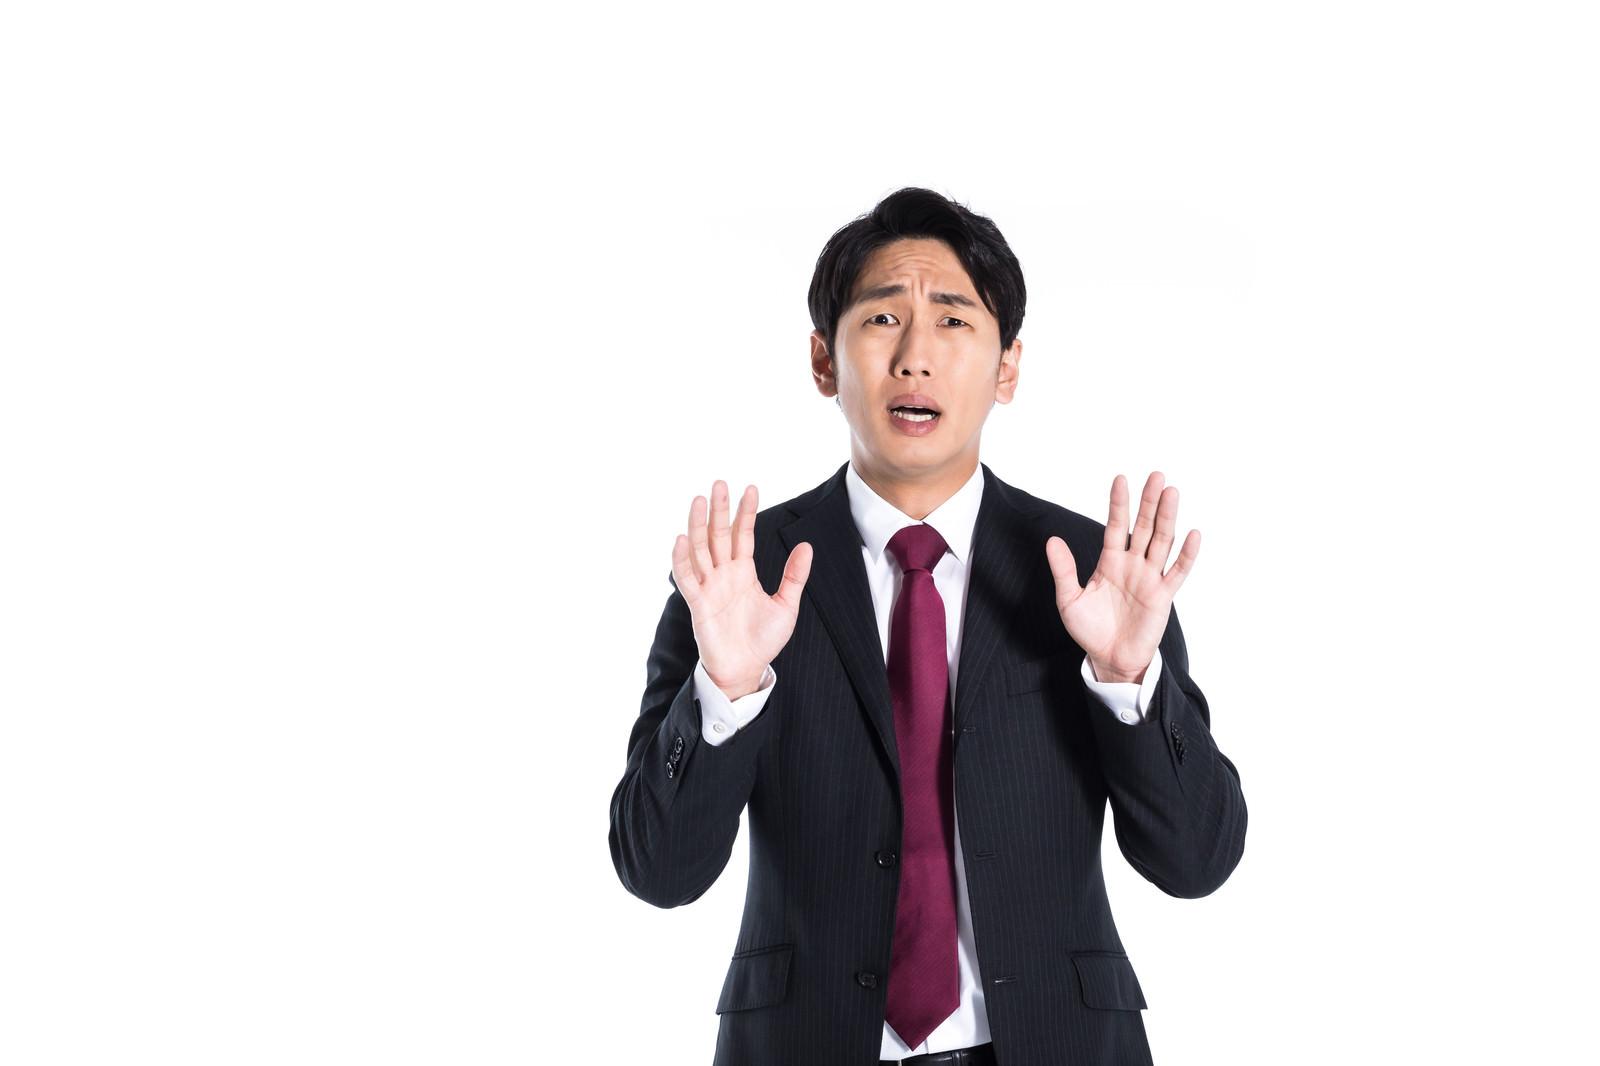 「想定外のクレームに慌てる男性」の写真[モデル:大川竜弥]